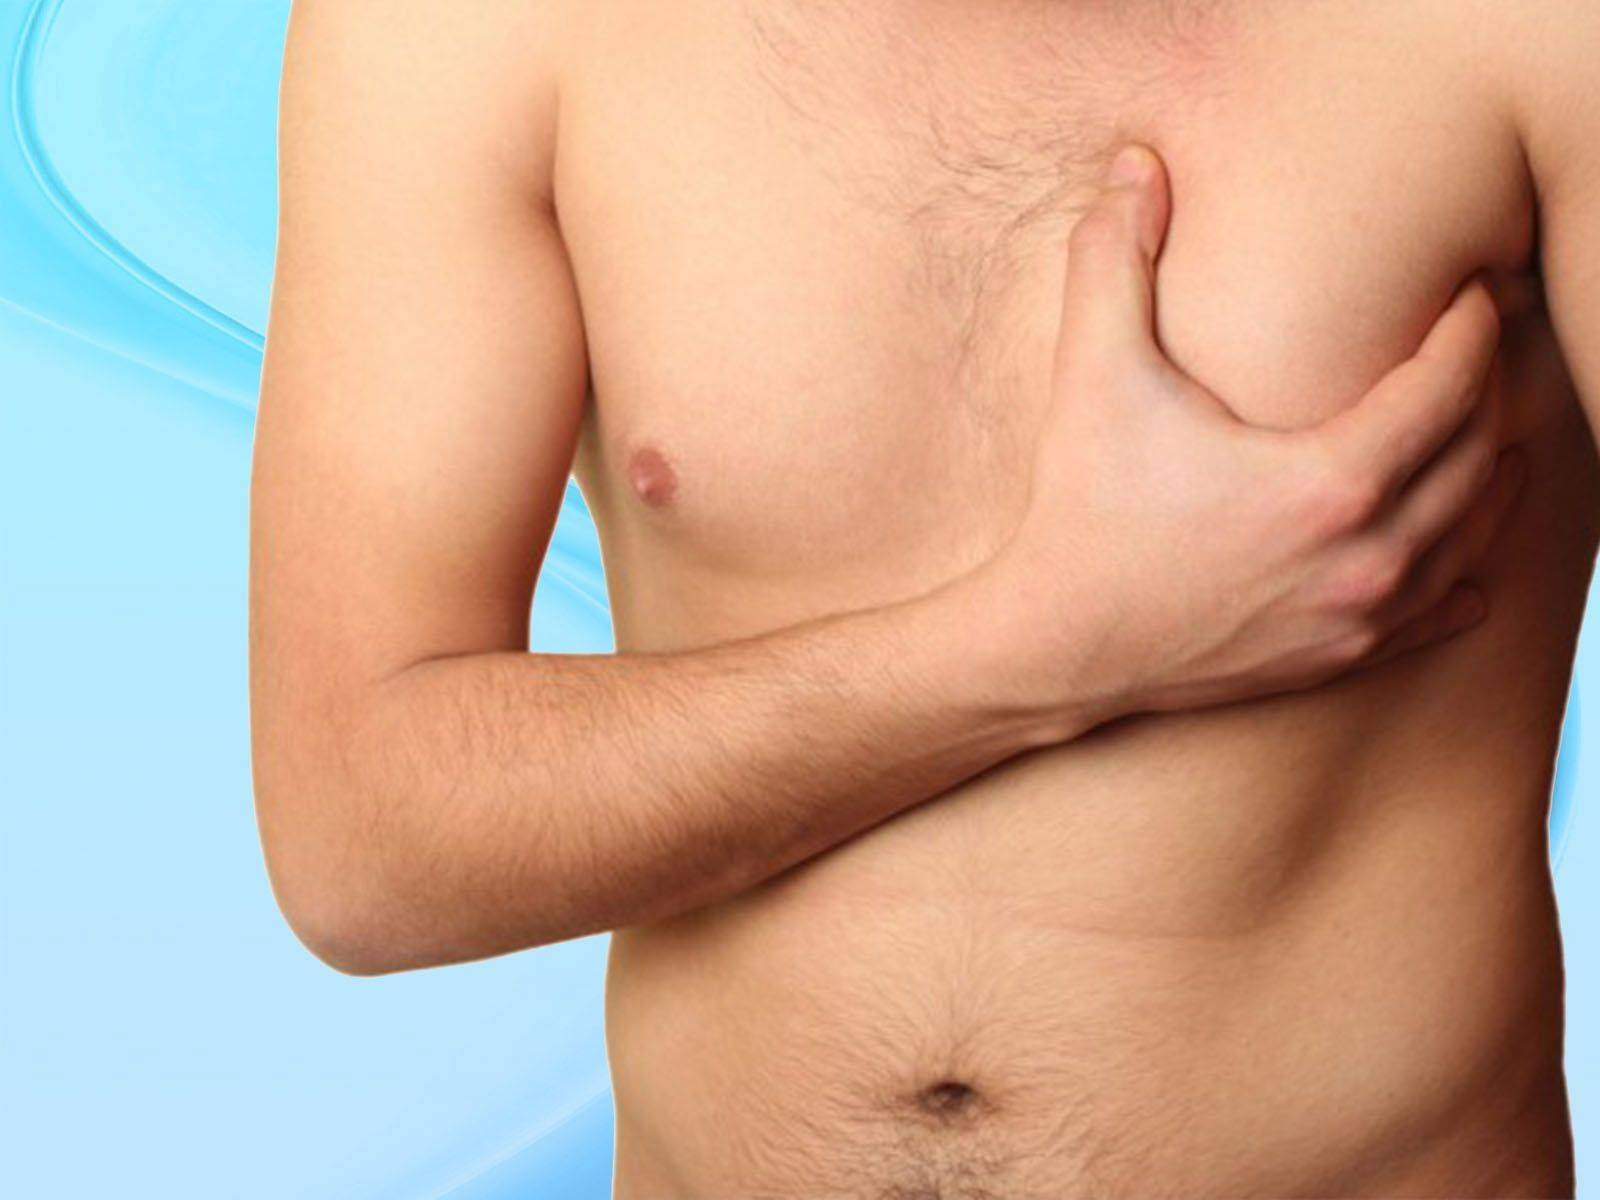 Мастопатия у мужчин: симптомы и лечение молочной железы